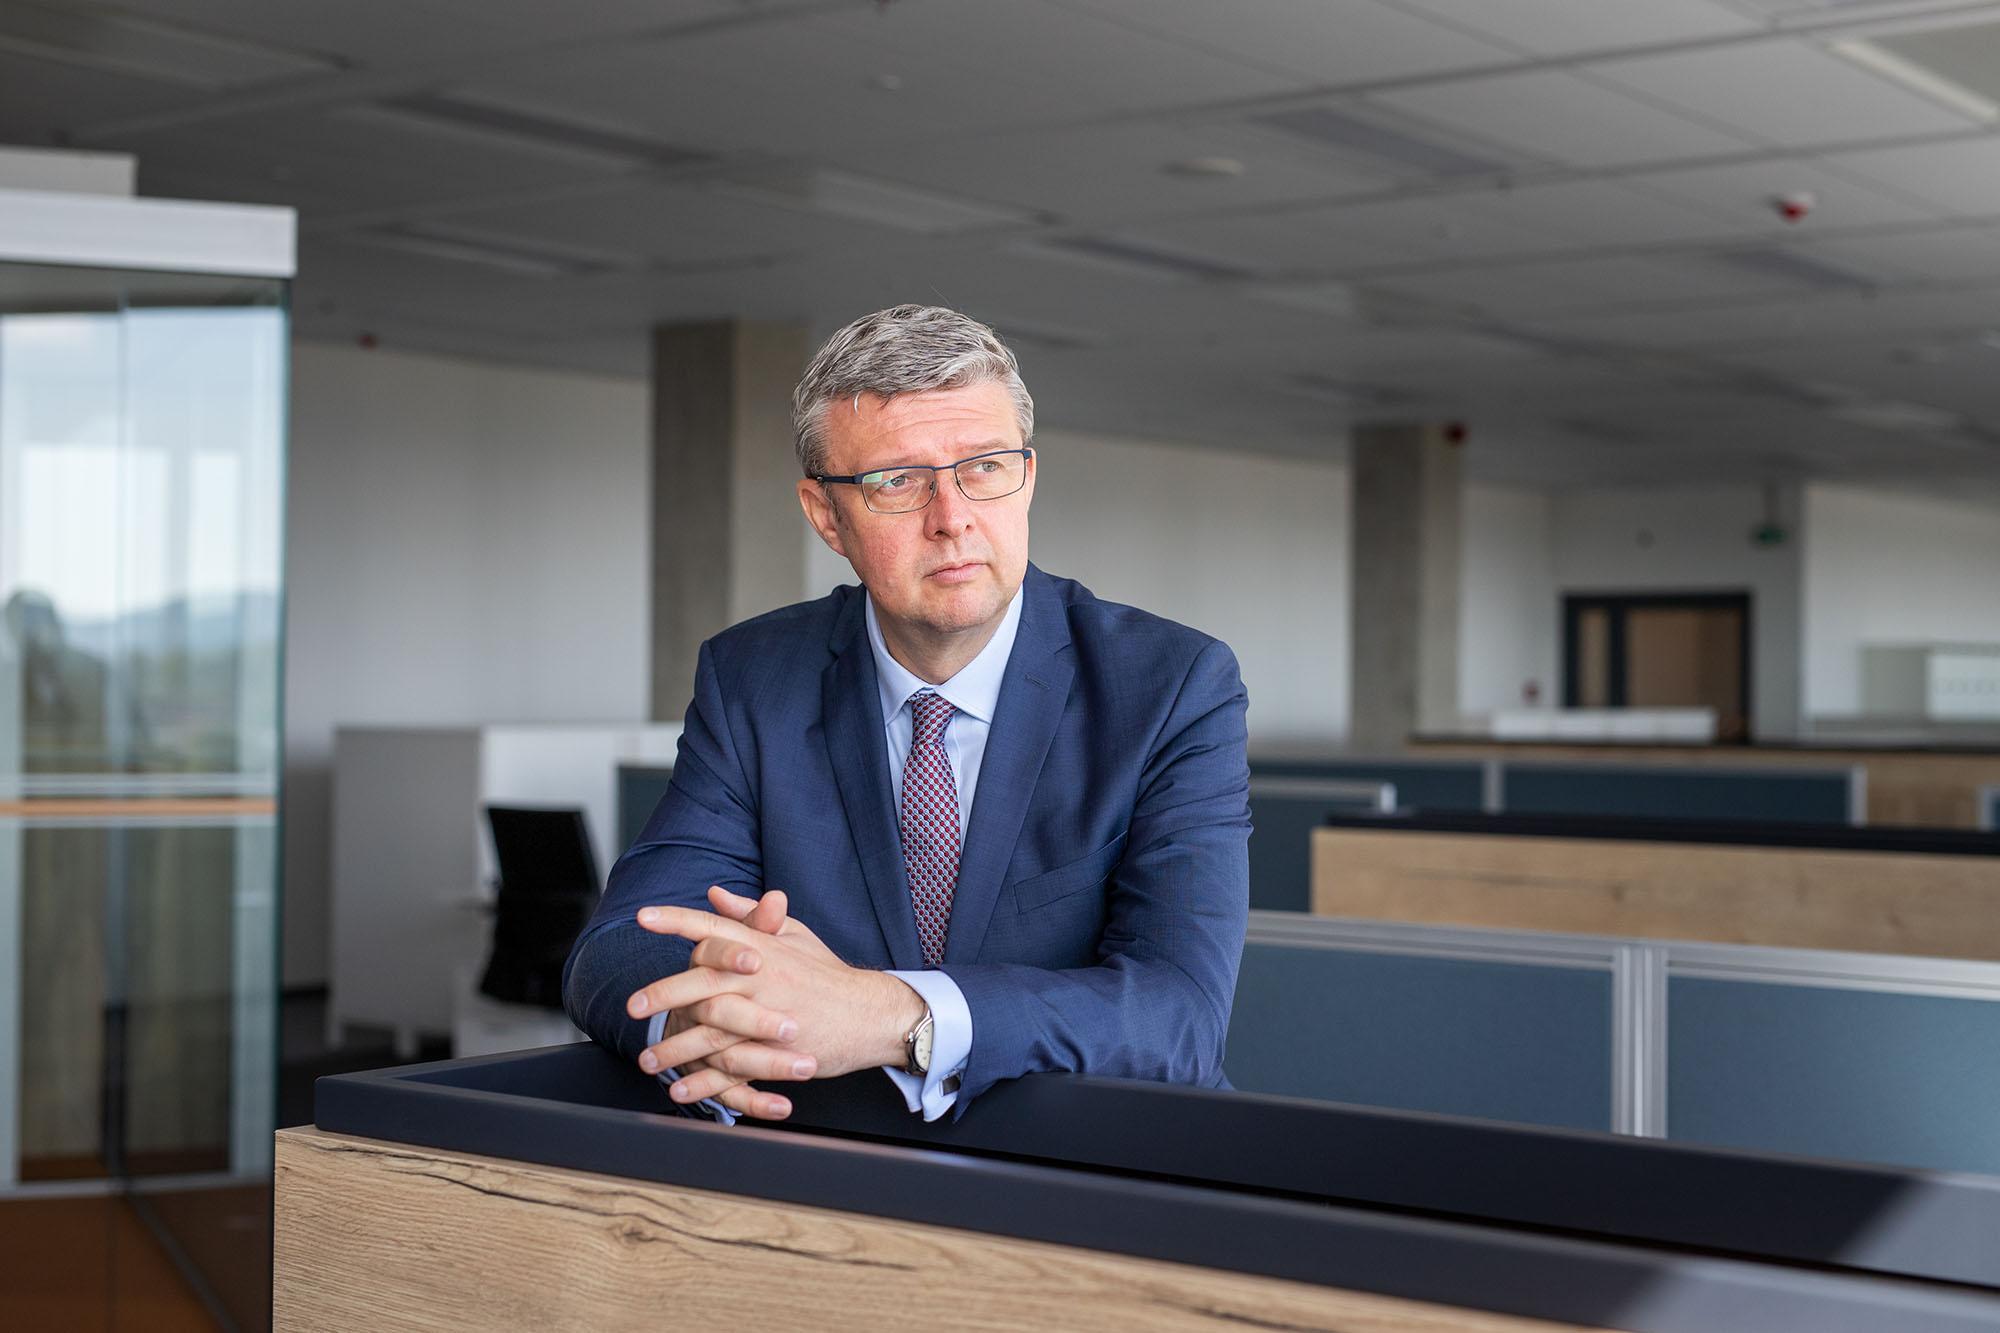 Karel Havlíček, vicepremiér a ministr průmyslu a obchodu, při prohlídce nové budovy